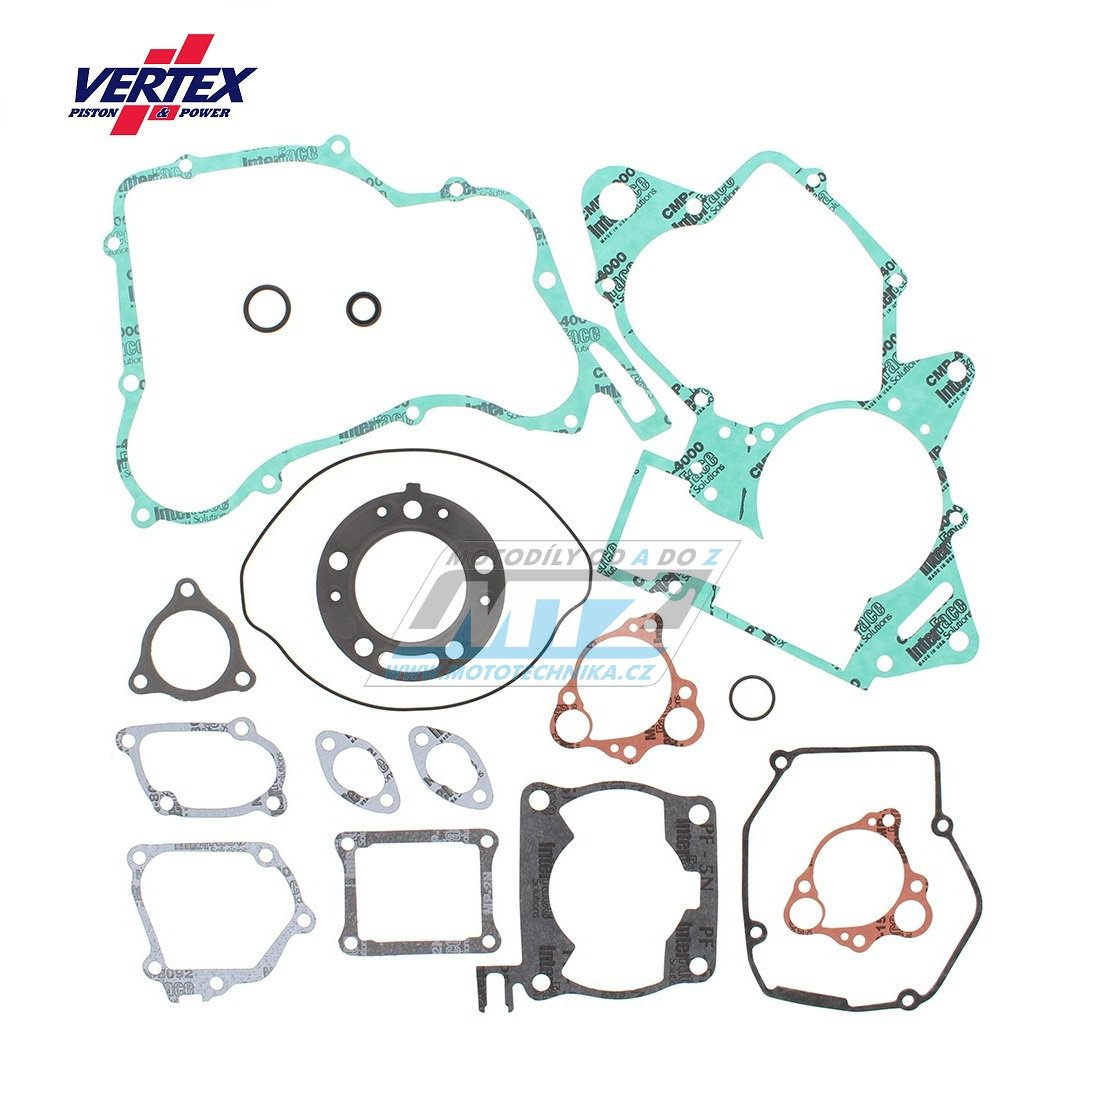 Těsnění kompletní motor (včetně gufer motoru) KTM520 + KTM525 EXC + KTM525 SX / 00-07 + KTM450 SX-Racing / 03-06 + KTM525 SMR / 04-06